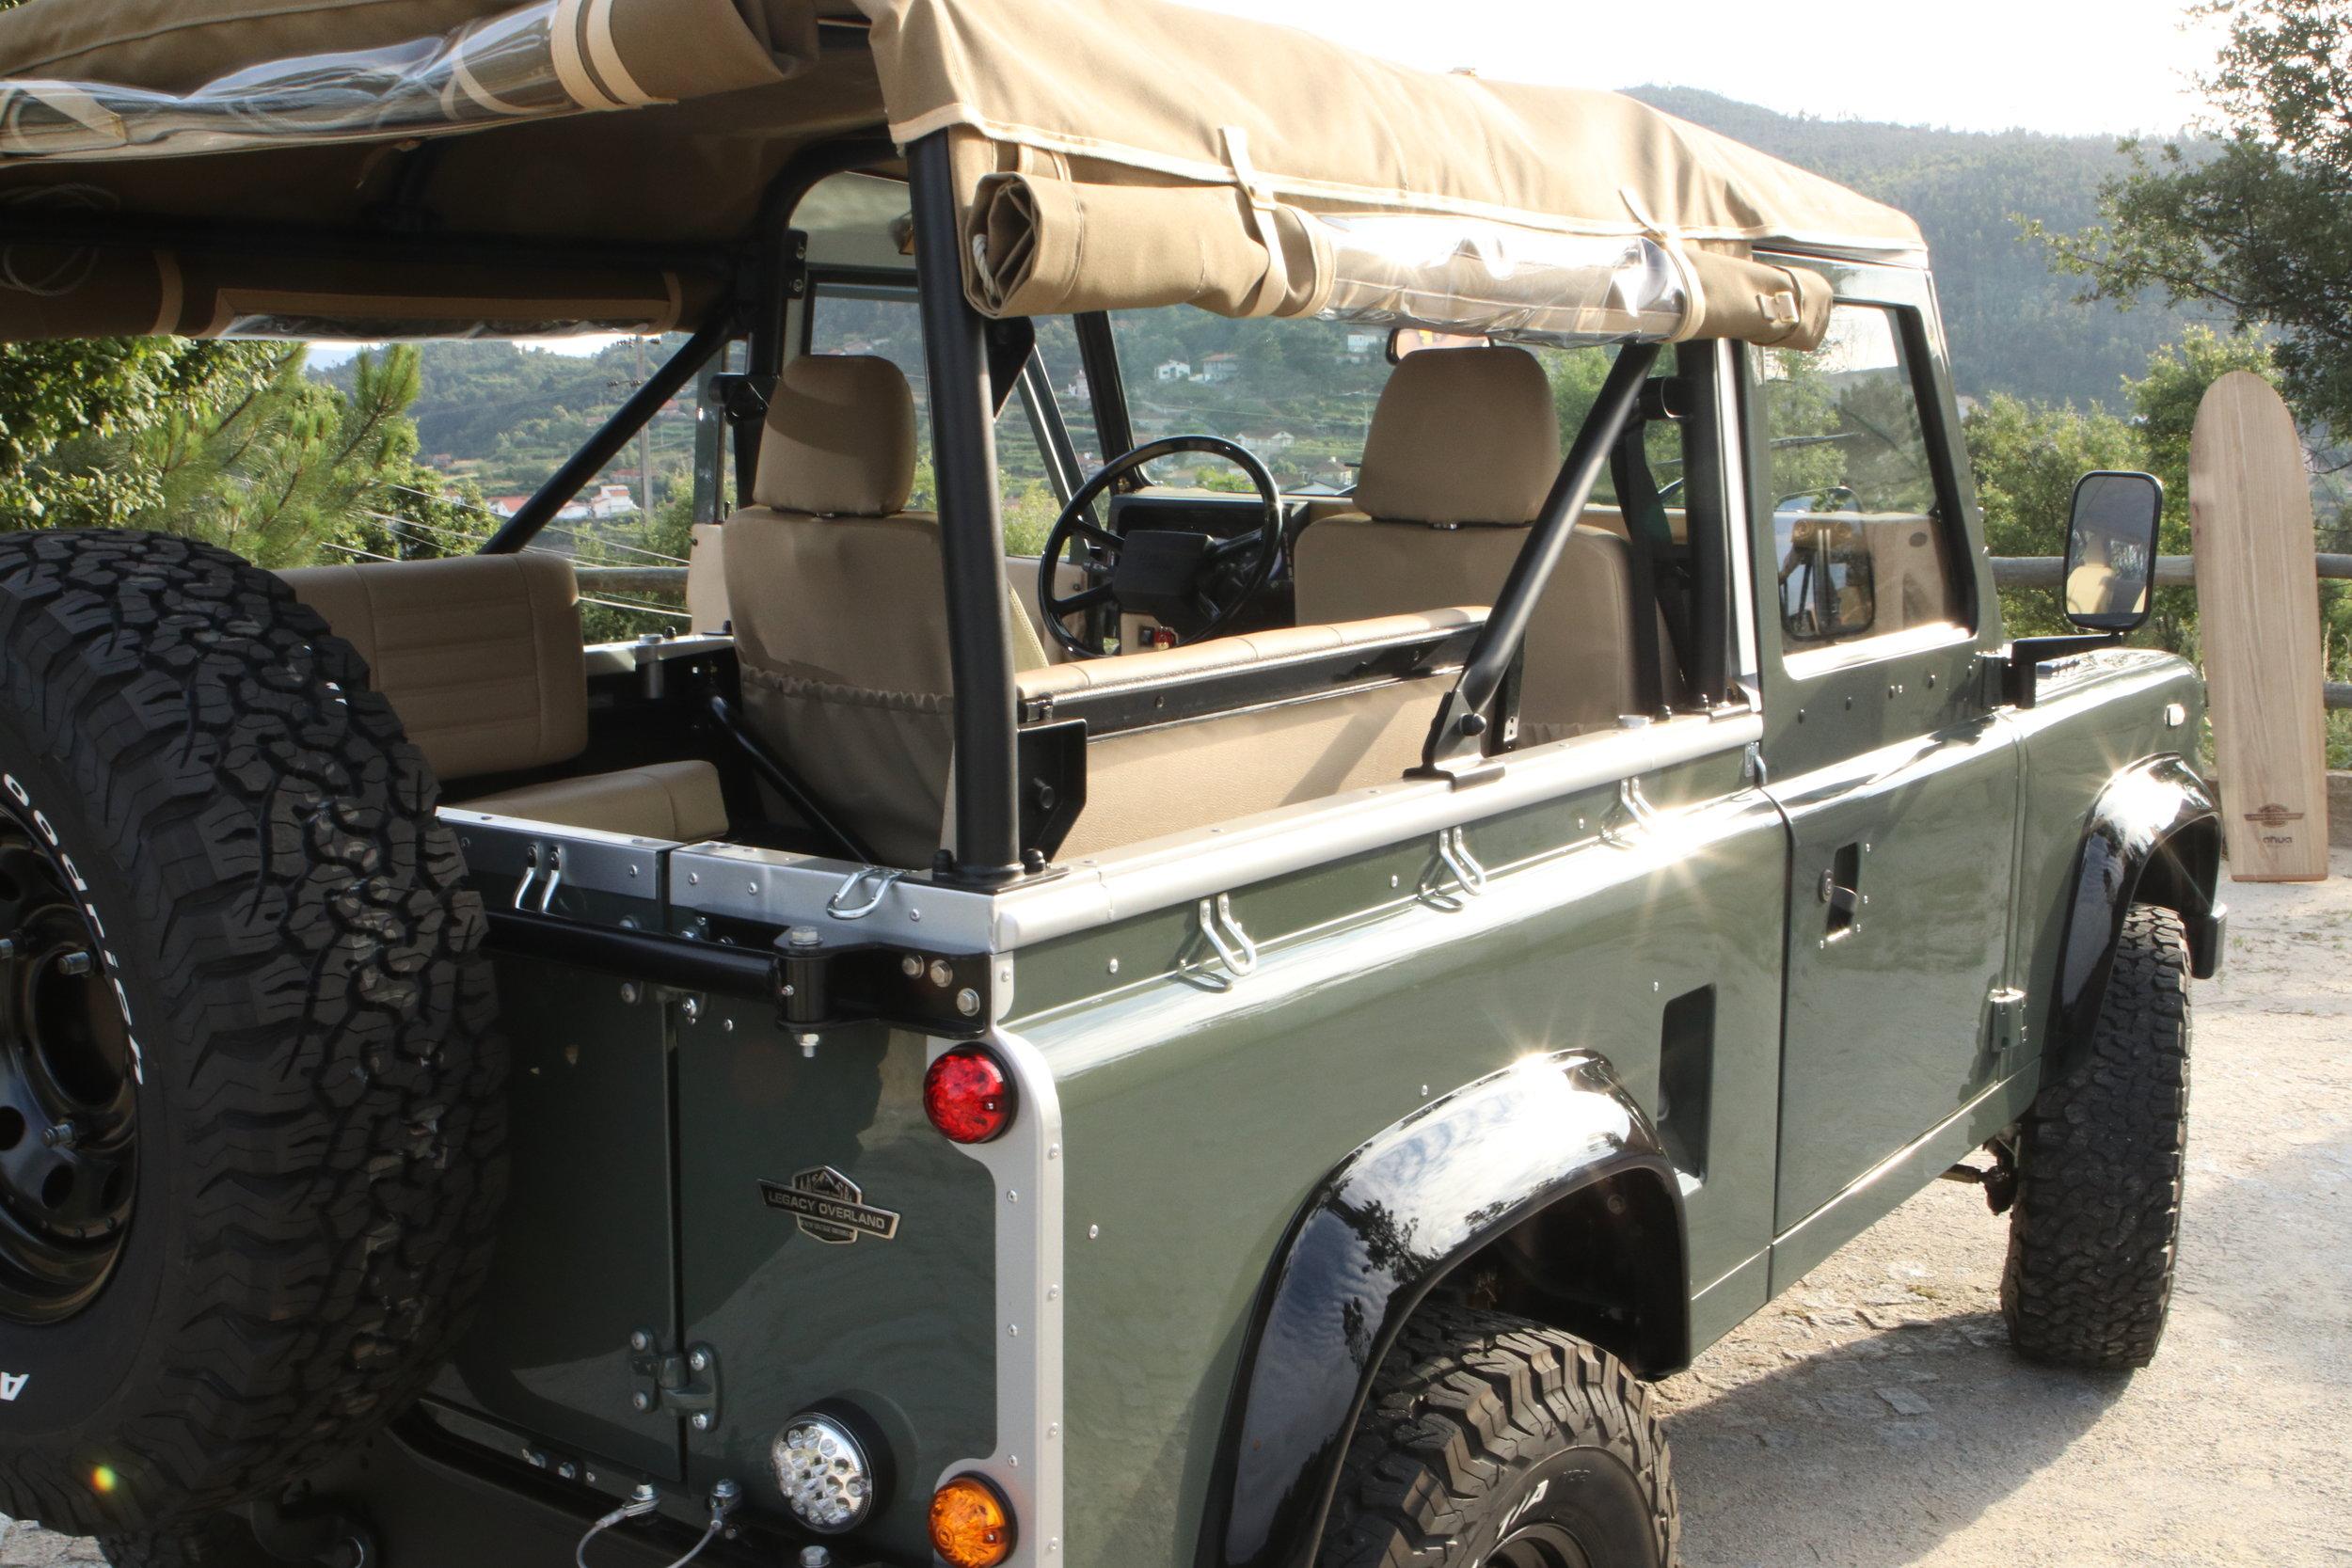 LegacyOverland_ProjKalahari_Defender90_car33.JPG